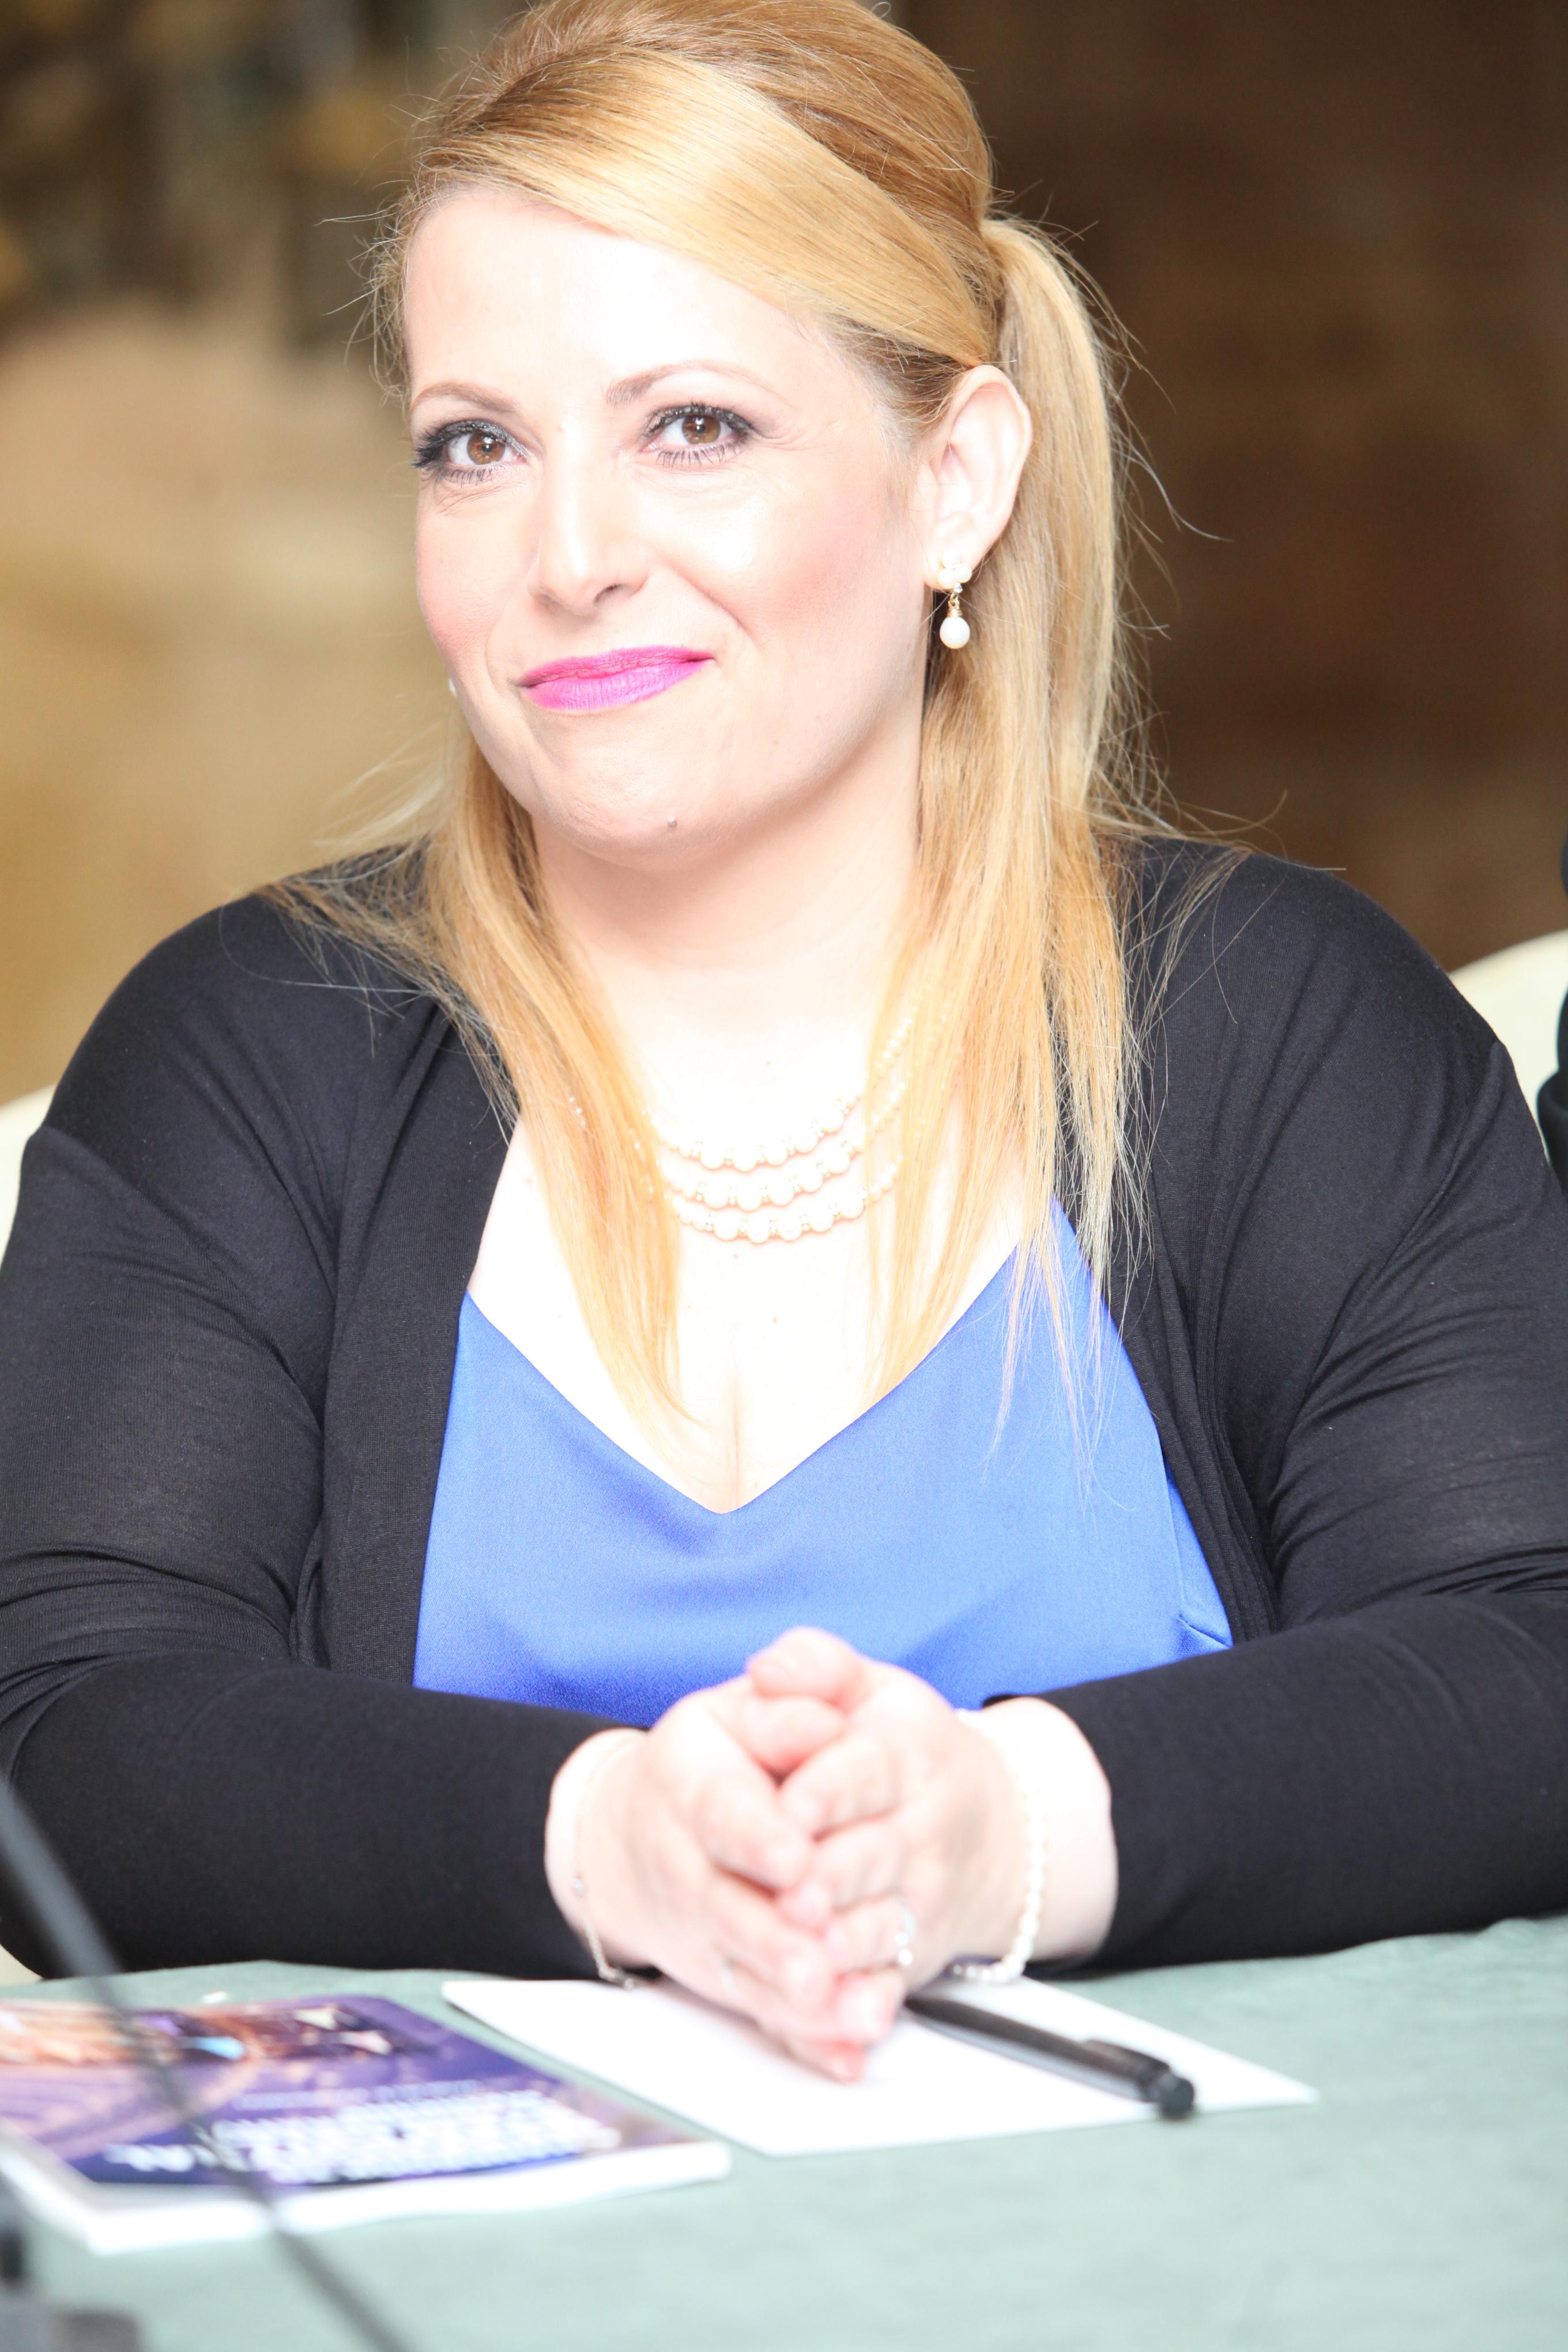 Speaker for Regenerative Medicine Conferences - Vasiliki E. Kalodimou